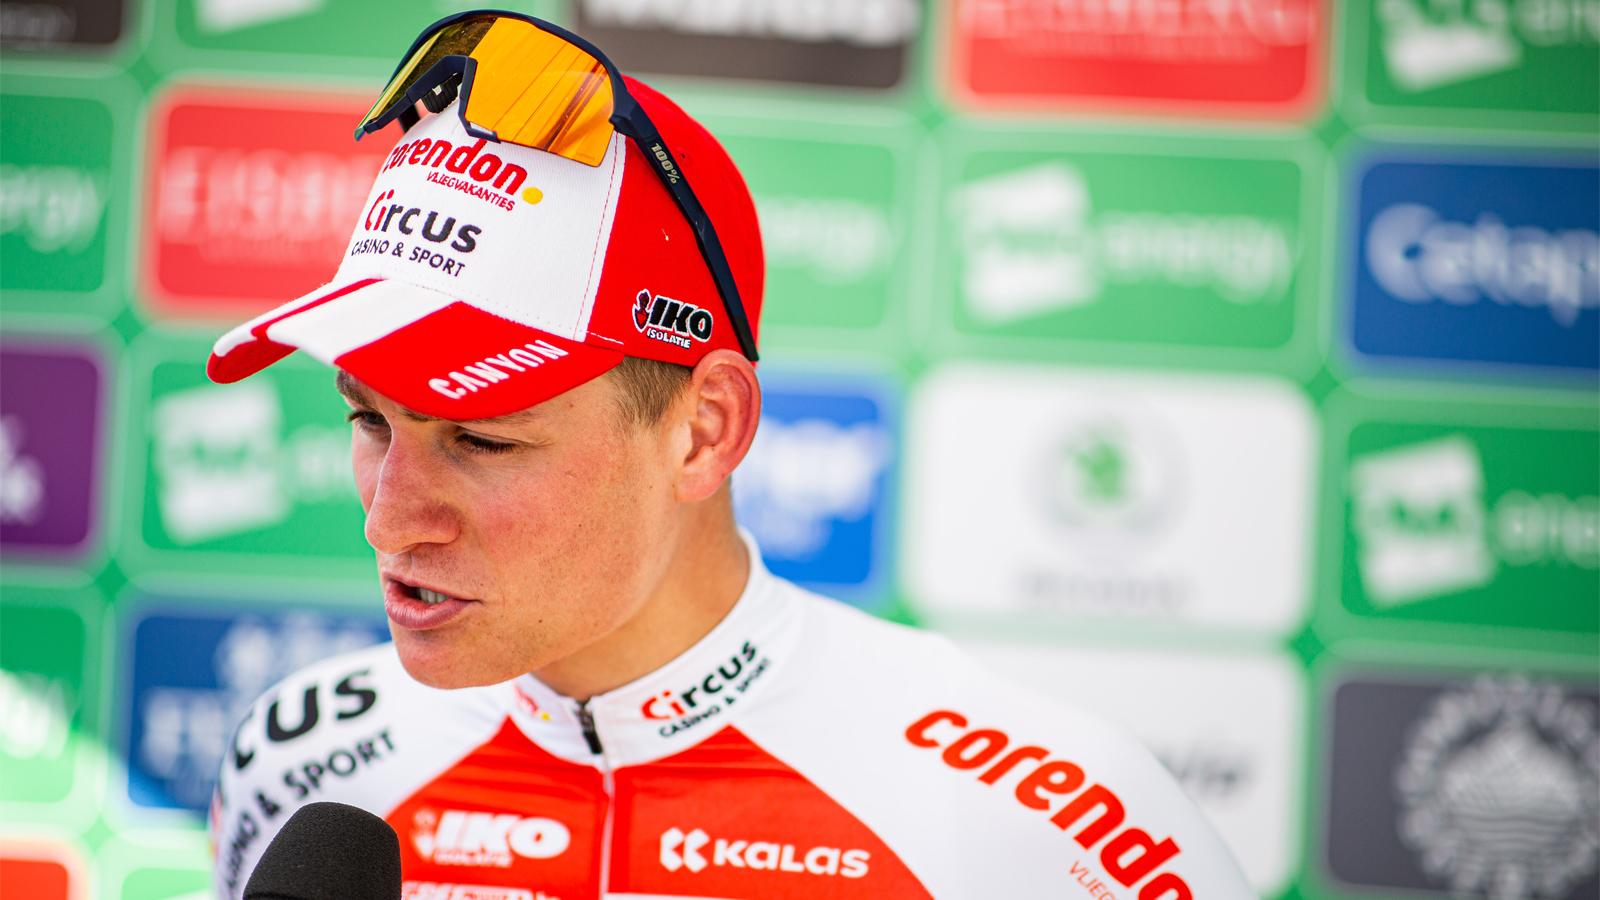 Mathieu van der Poel Tour of Britain stage seven